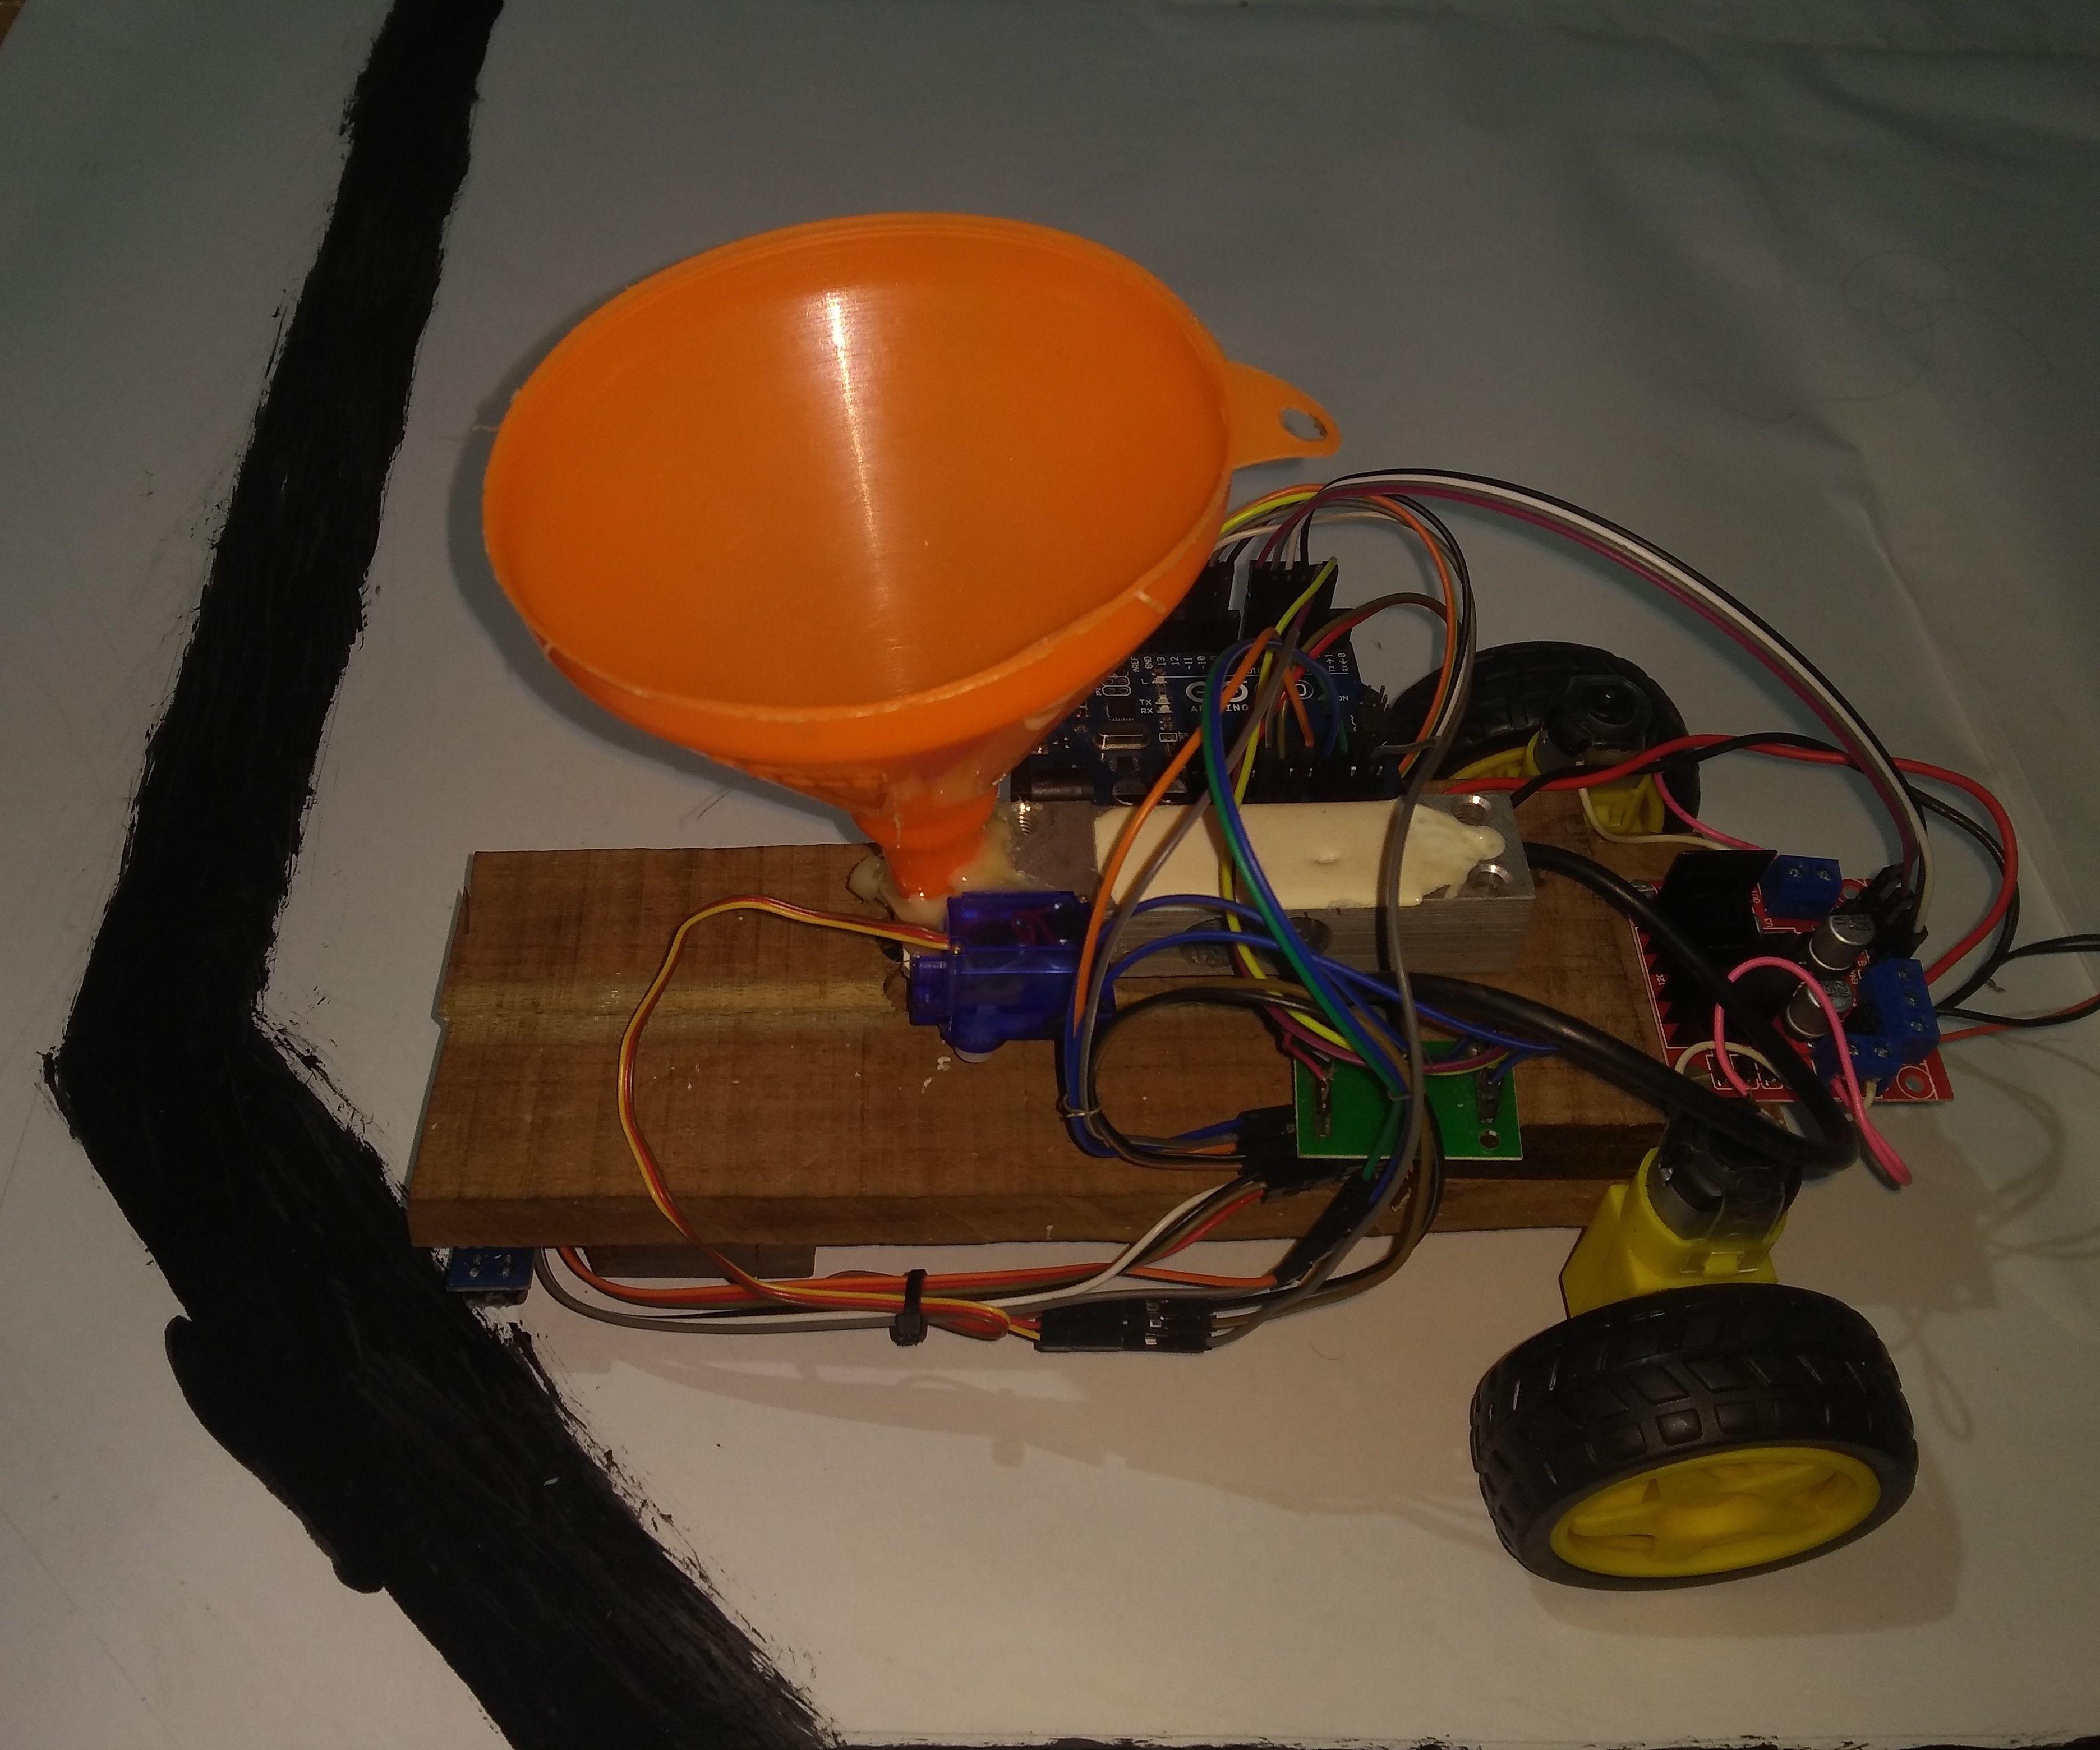 Advanced Line Follower Robot